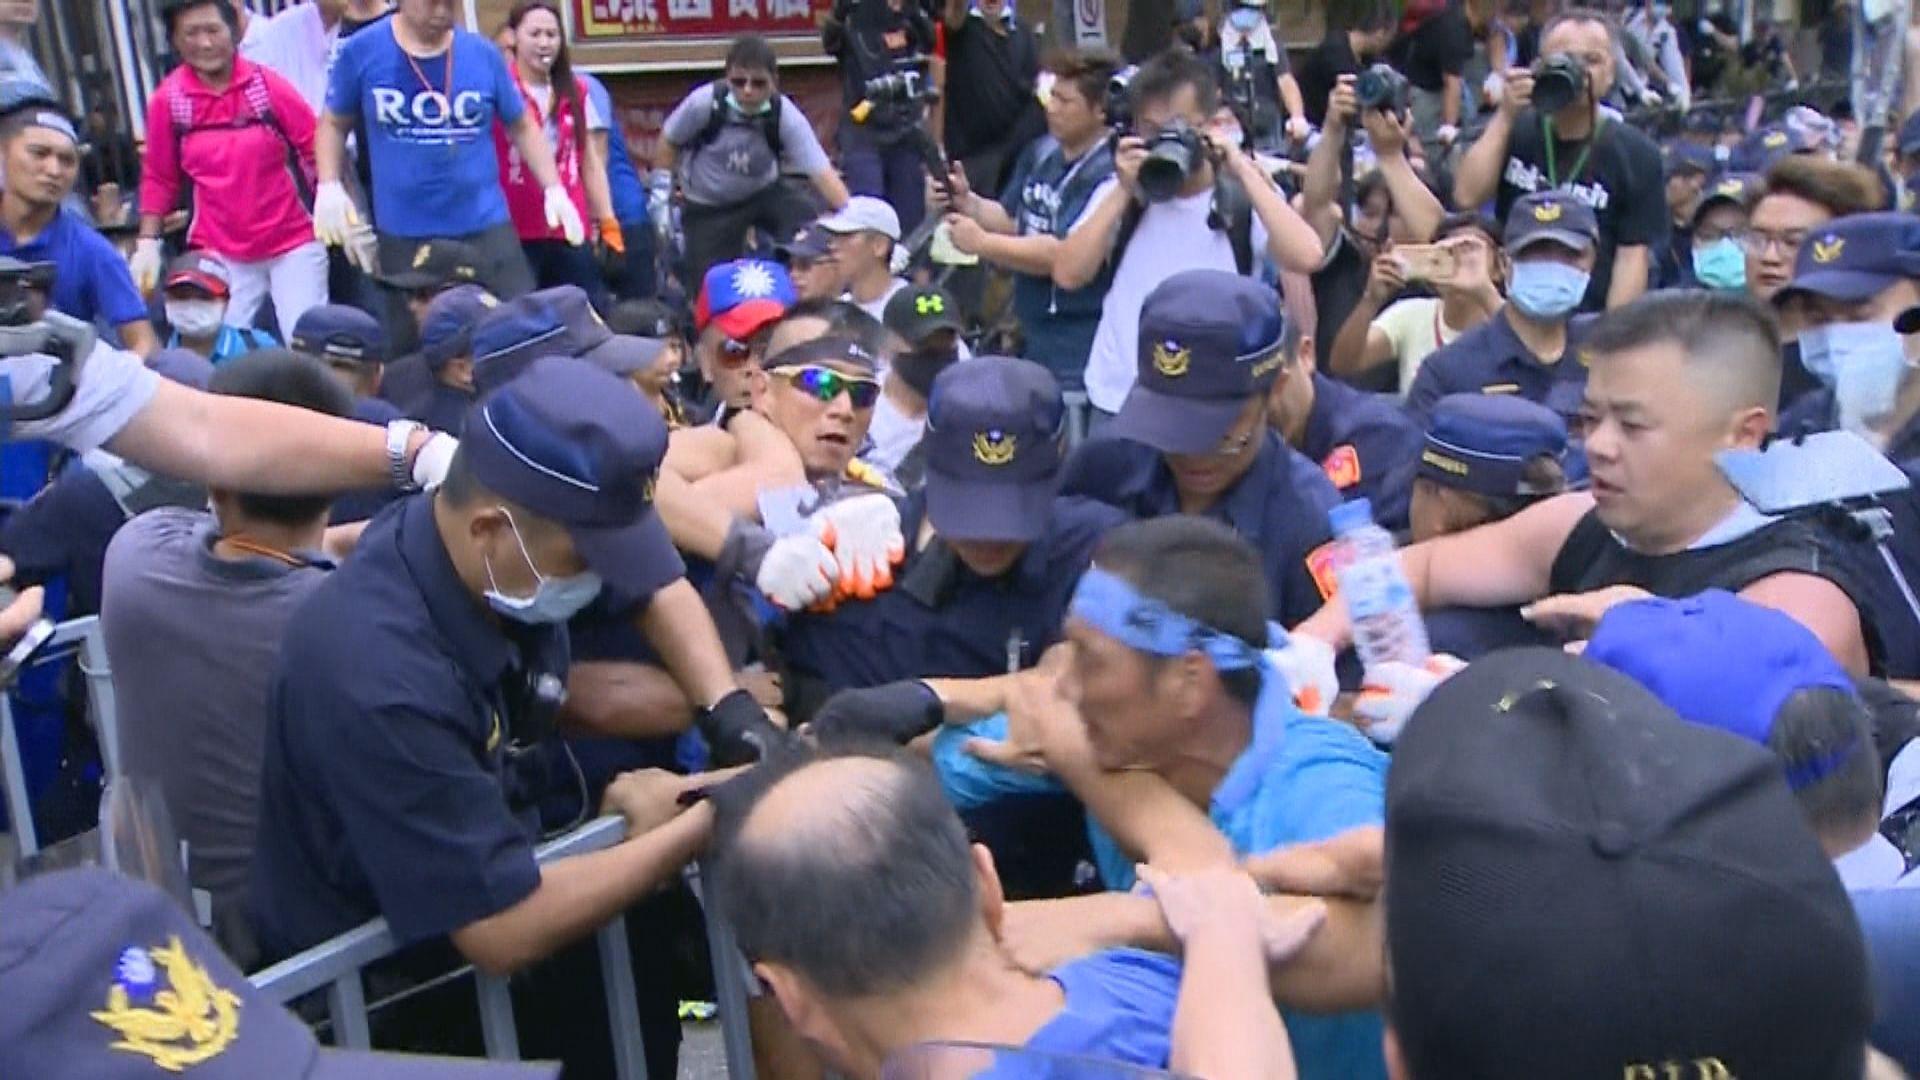 台立法院通過由陳菊任監察院長 國民黨拒承認點票結果